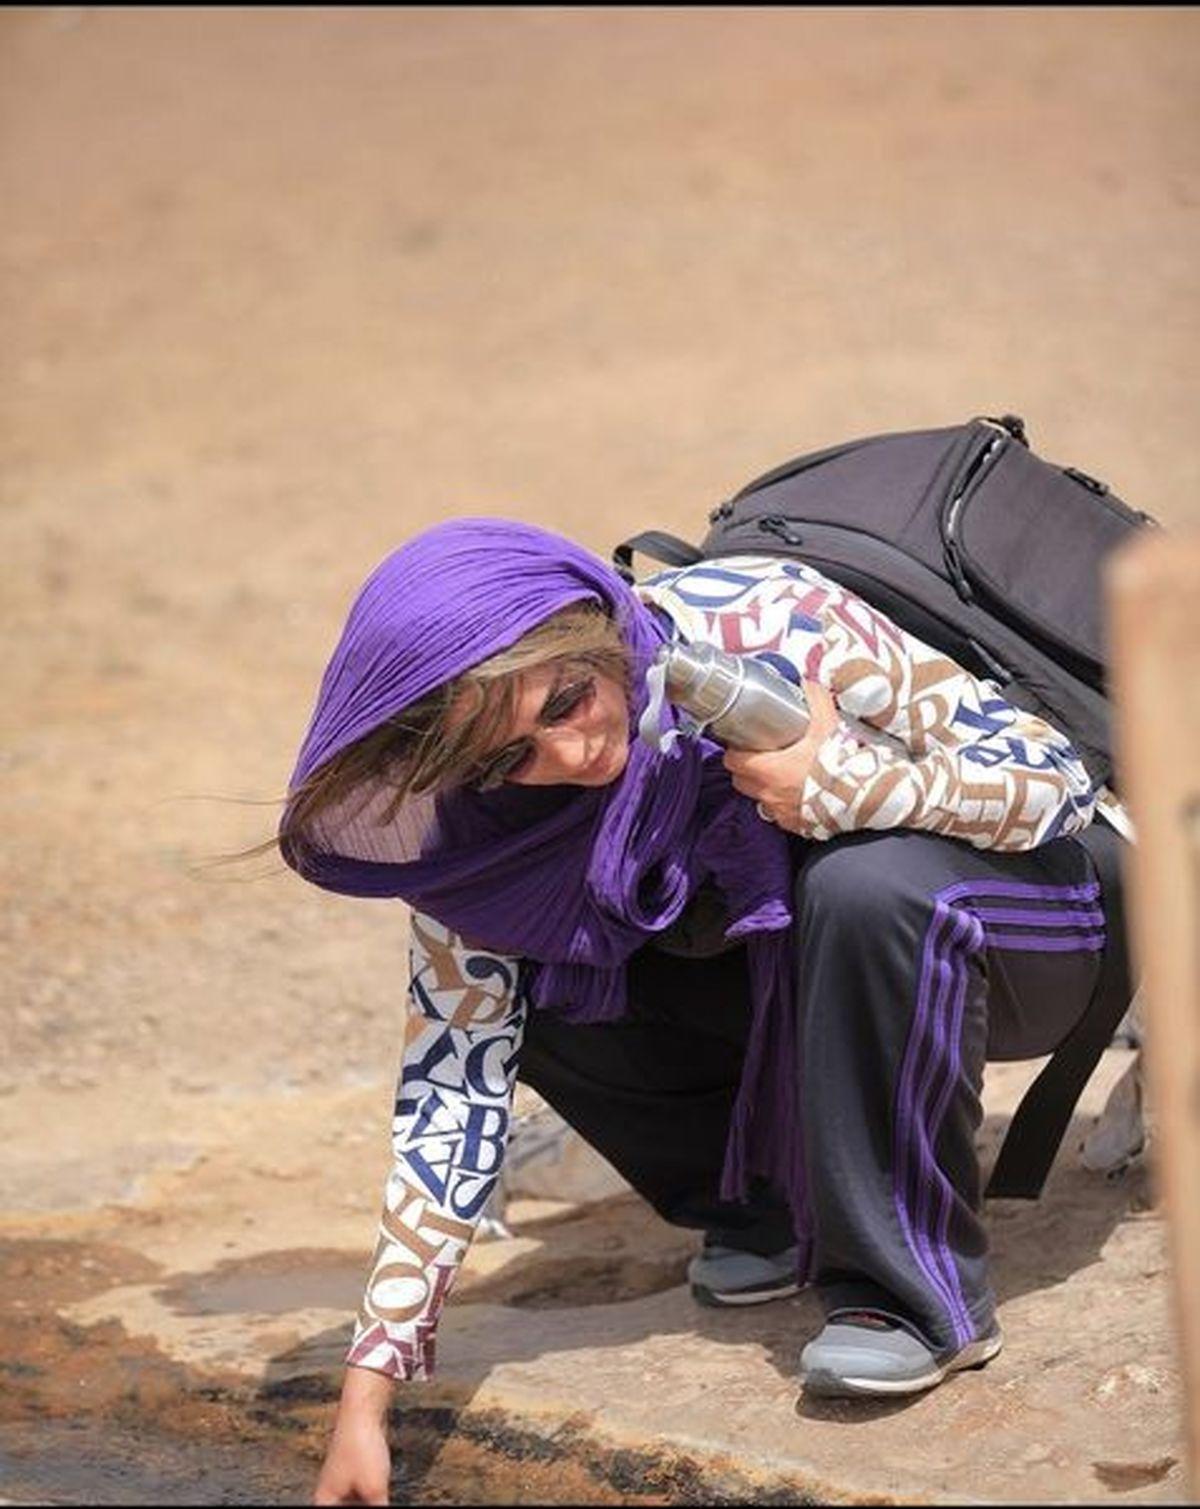 تیپ خفن سمانه پاکدل در کوهنوردی +عکس